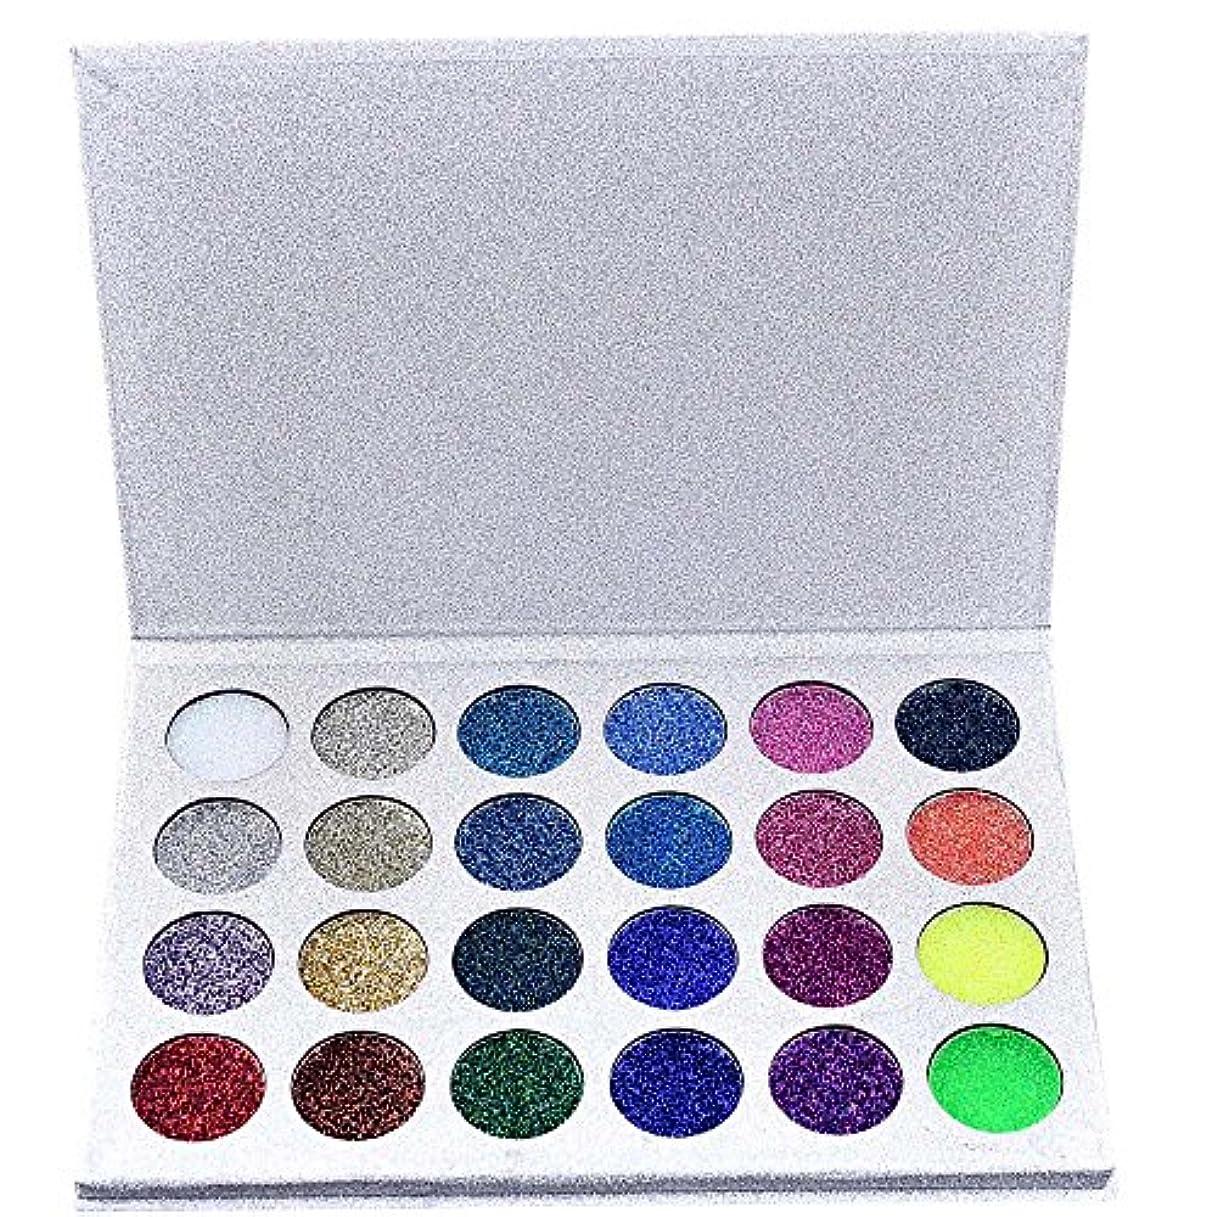 懲らしめよく話されるドナー24色化粧品パウダーアイシャドーパレットメイクナチュラルシマーマットセット